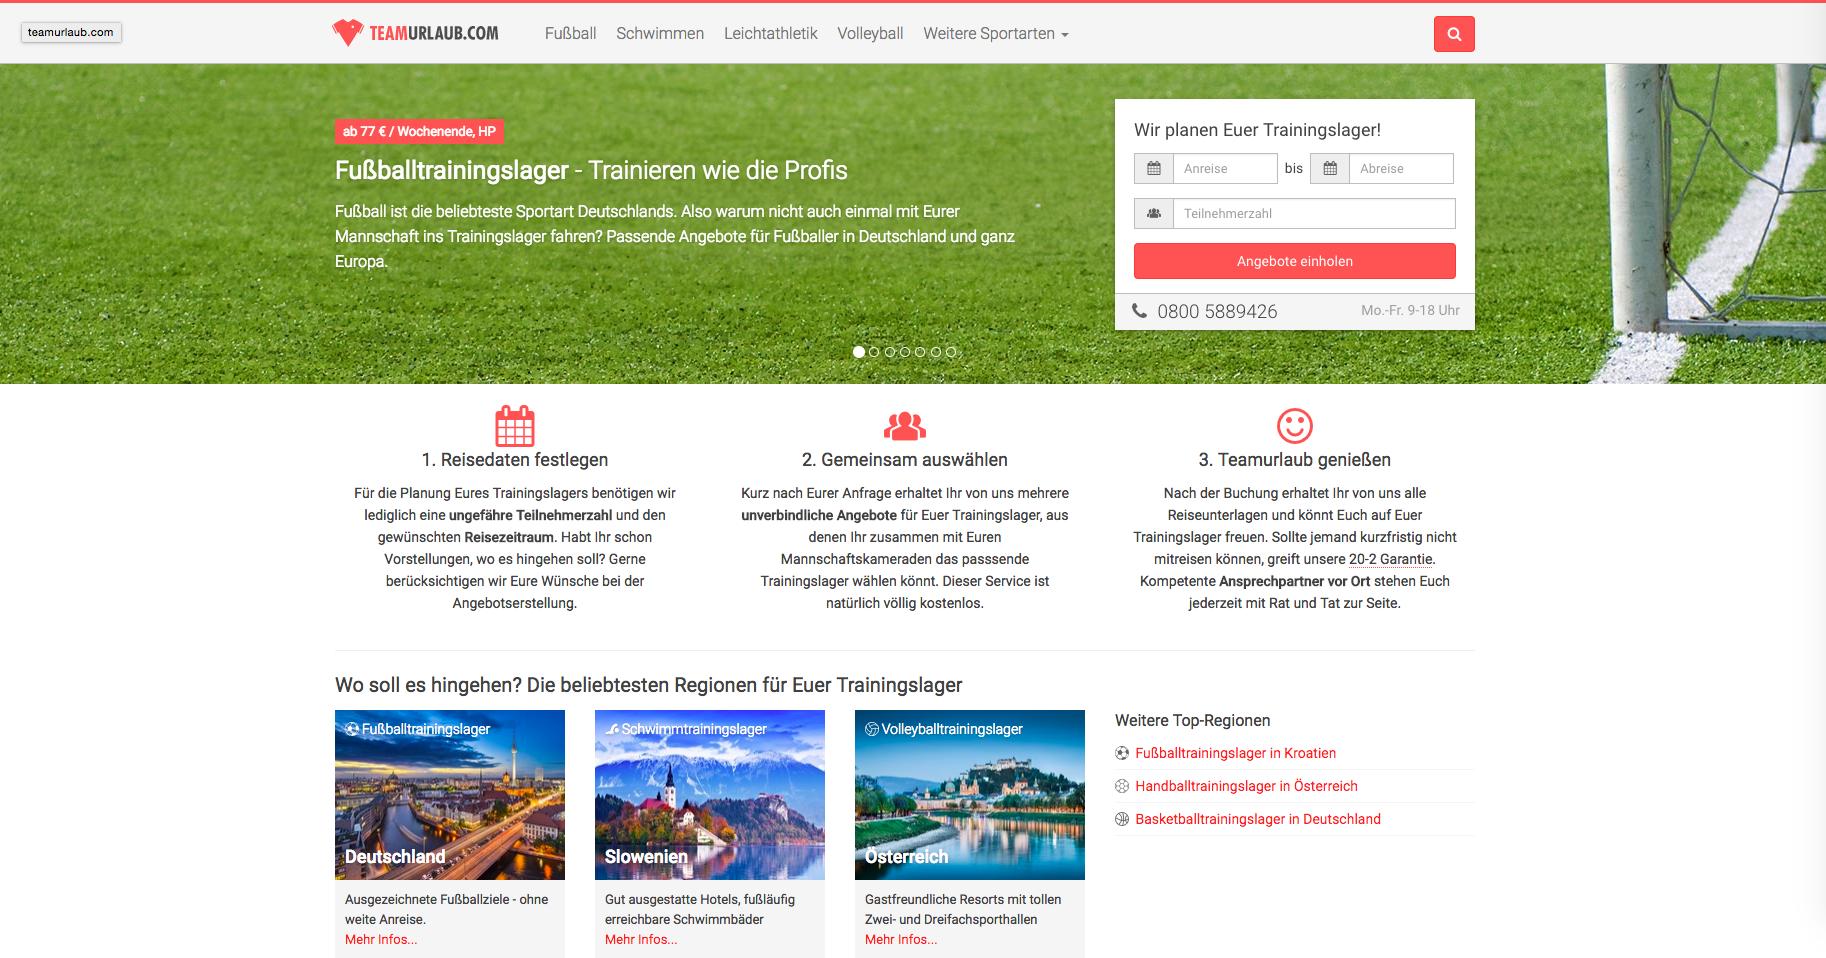 teamurlaub.com